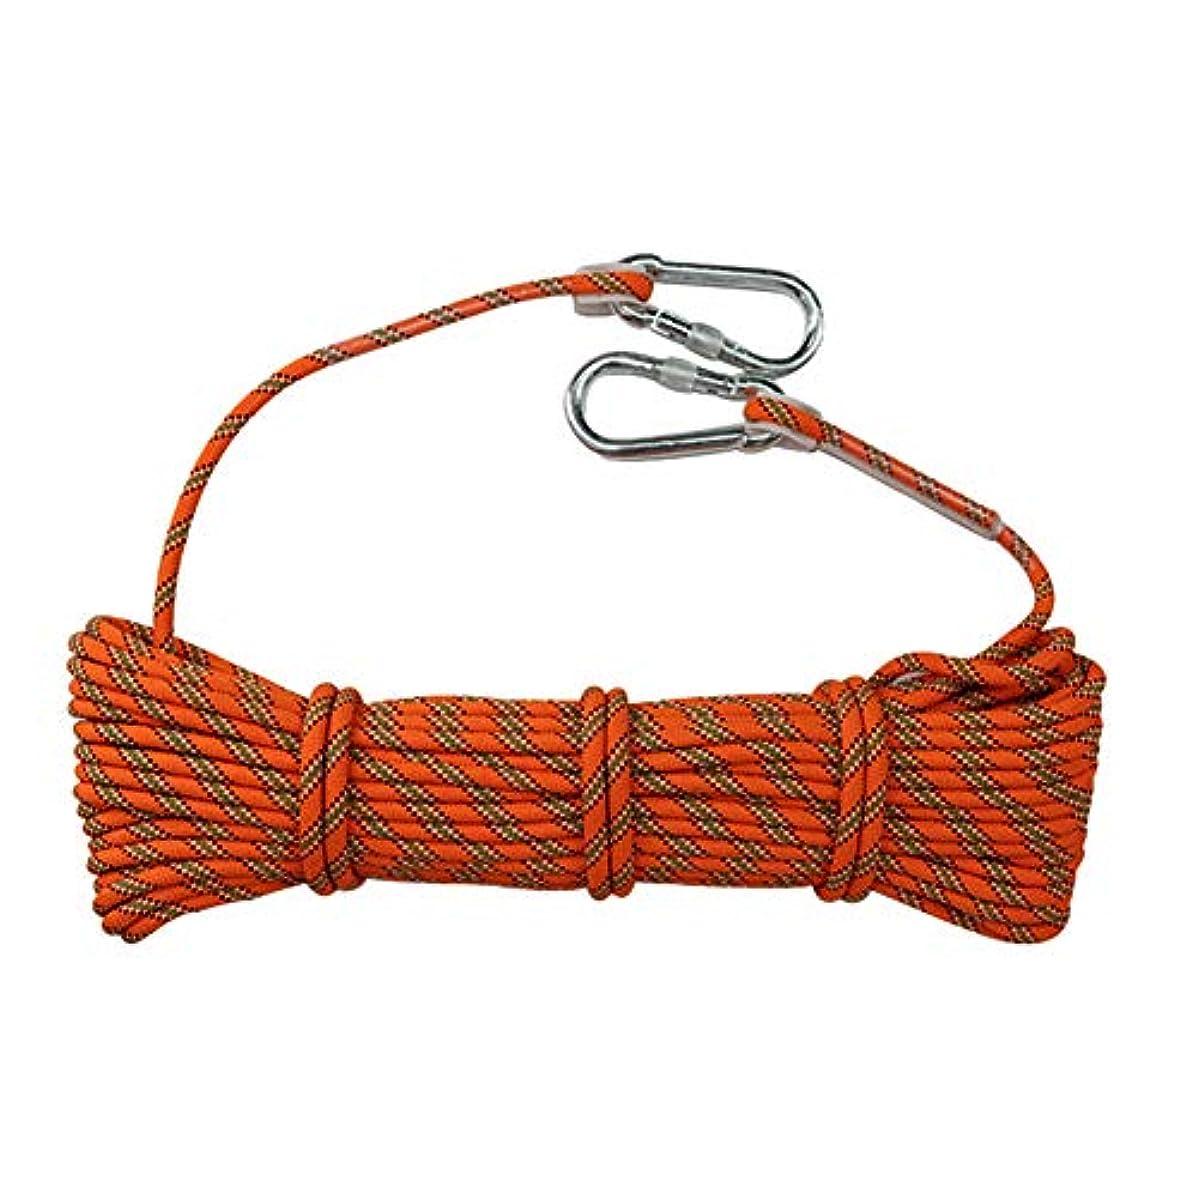 結論寸前誰のアウトドアクライミングロープ、ロックセーフティクライミングロープトレーニングエスケープレスキューサバイバルコードケービングスポーツ用ユーティリティロープ(8mm),Orange,60m